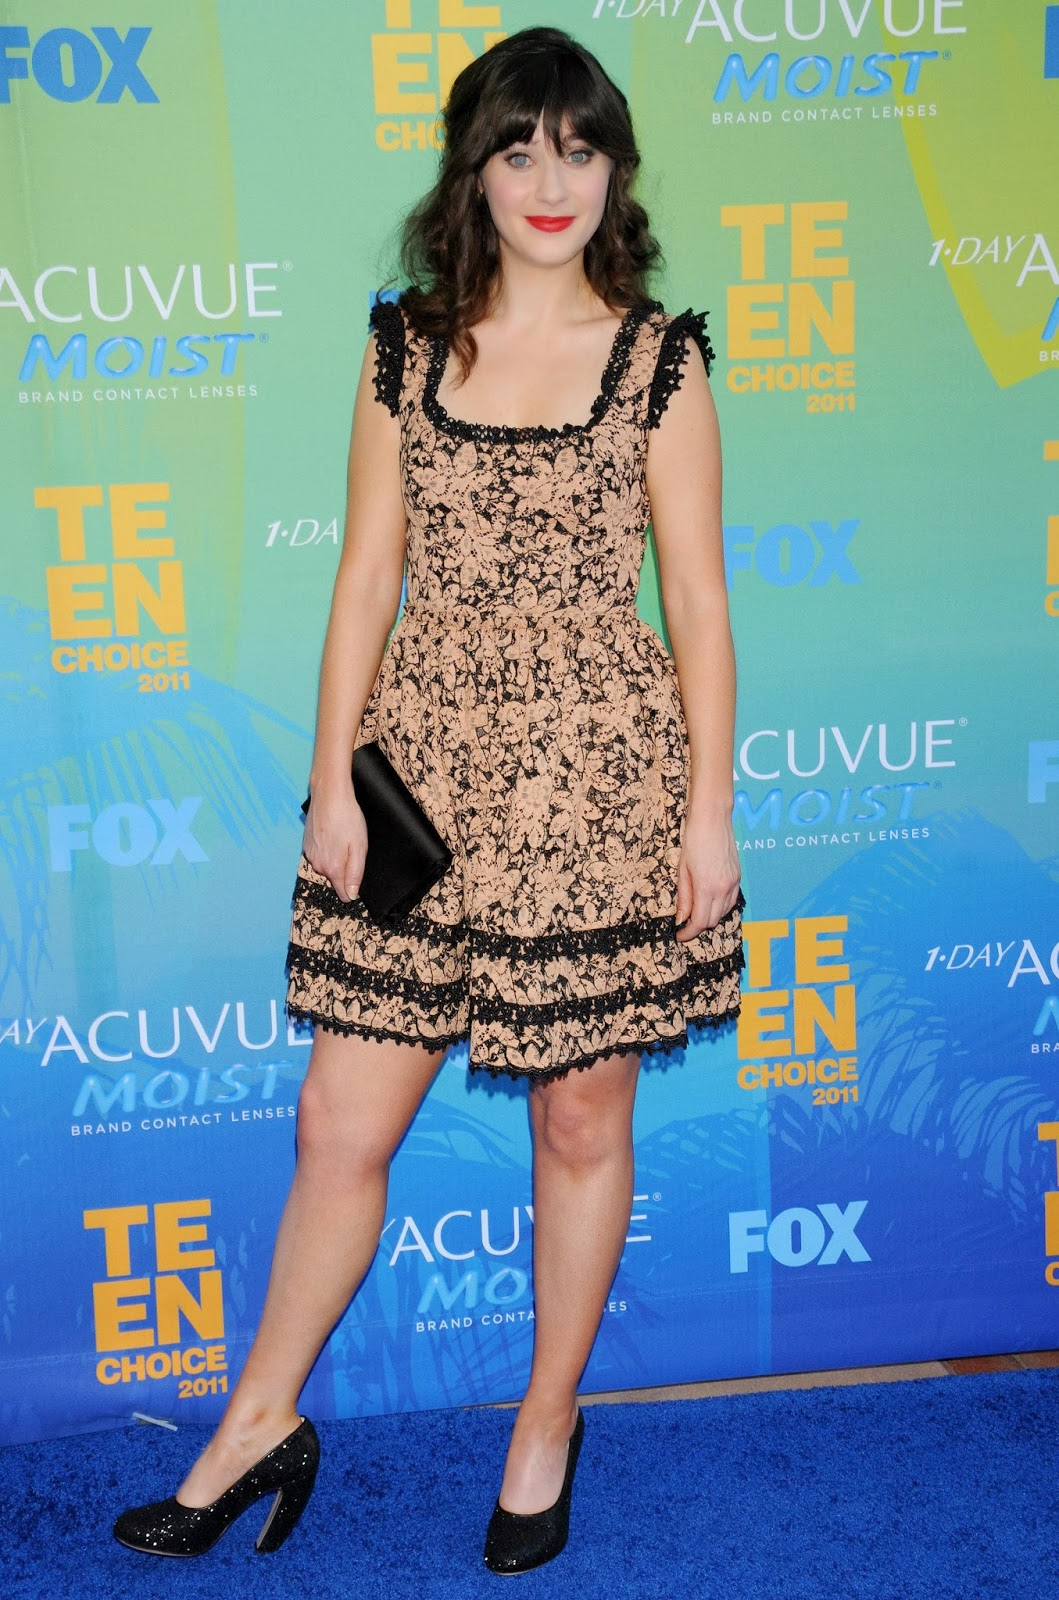 Red Carpet Dresses Zooey Deschanel Teen Choice Awards 2011